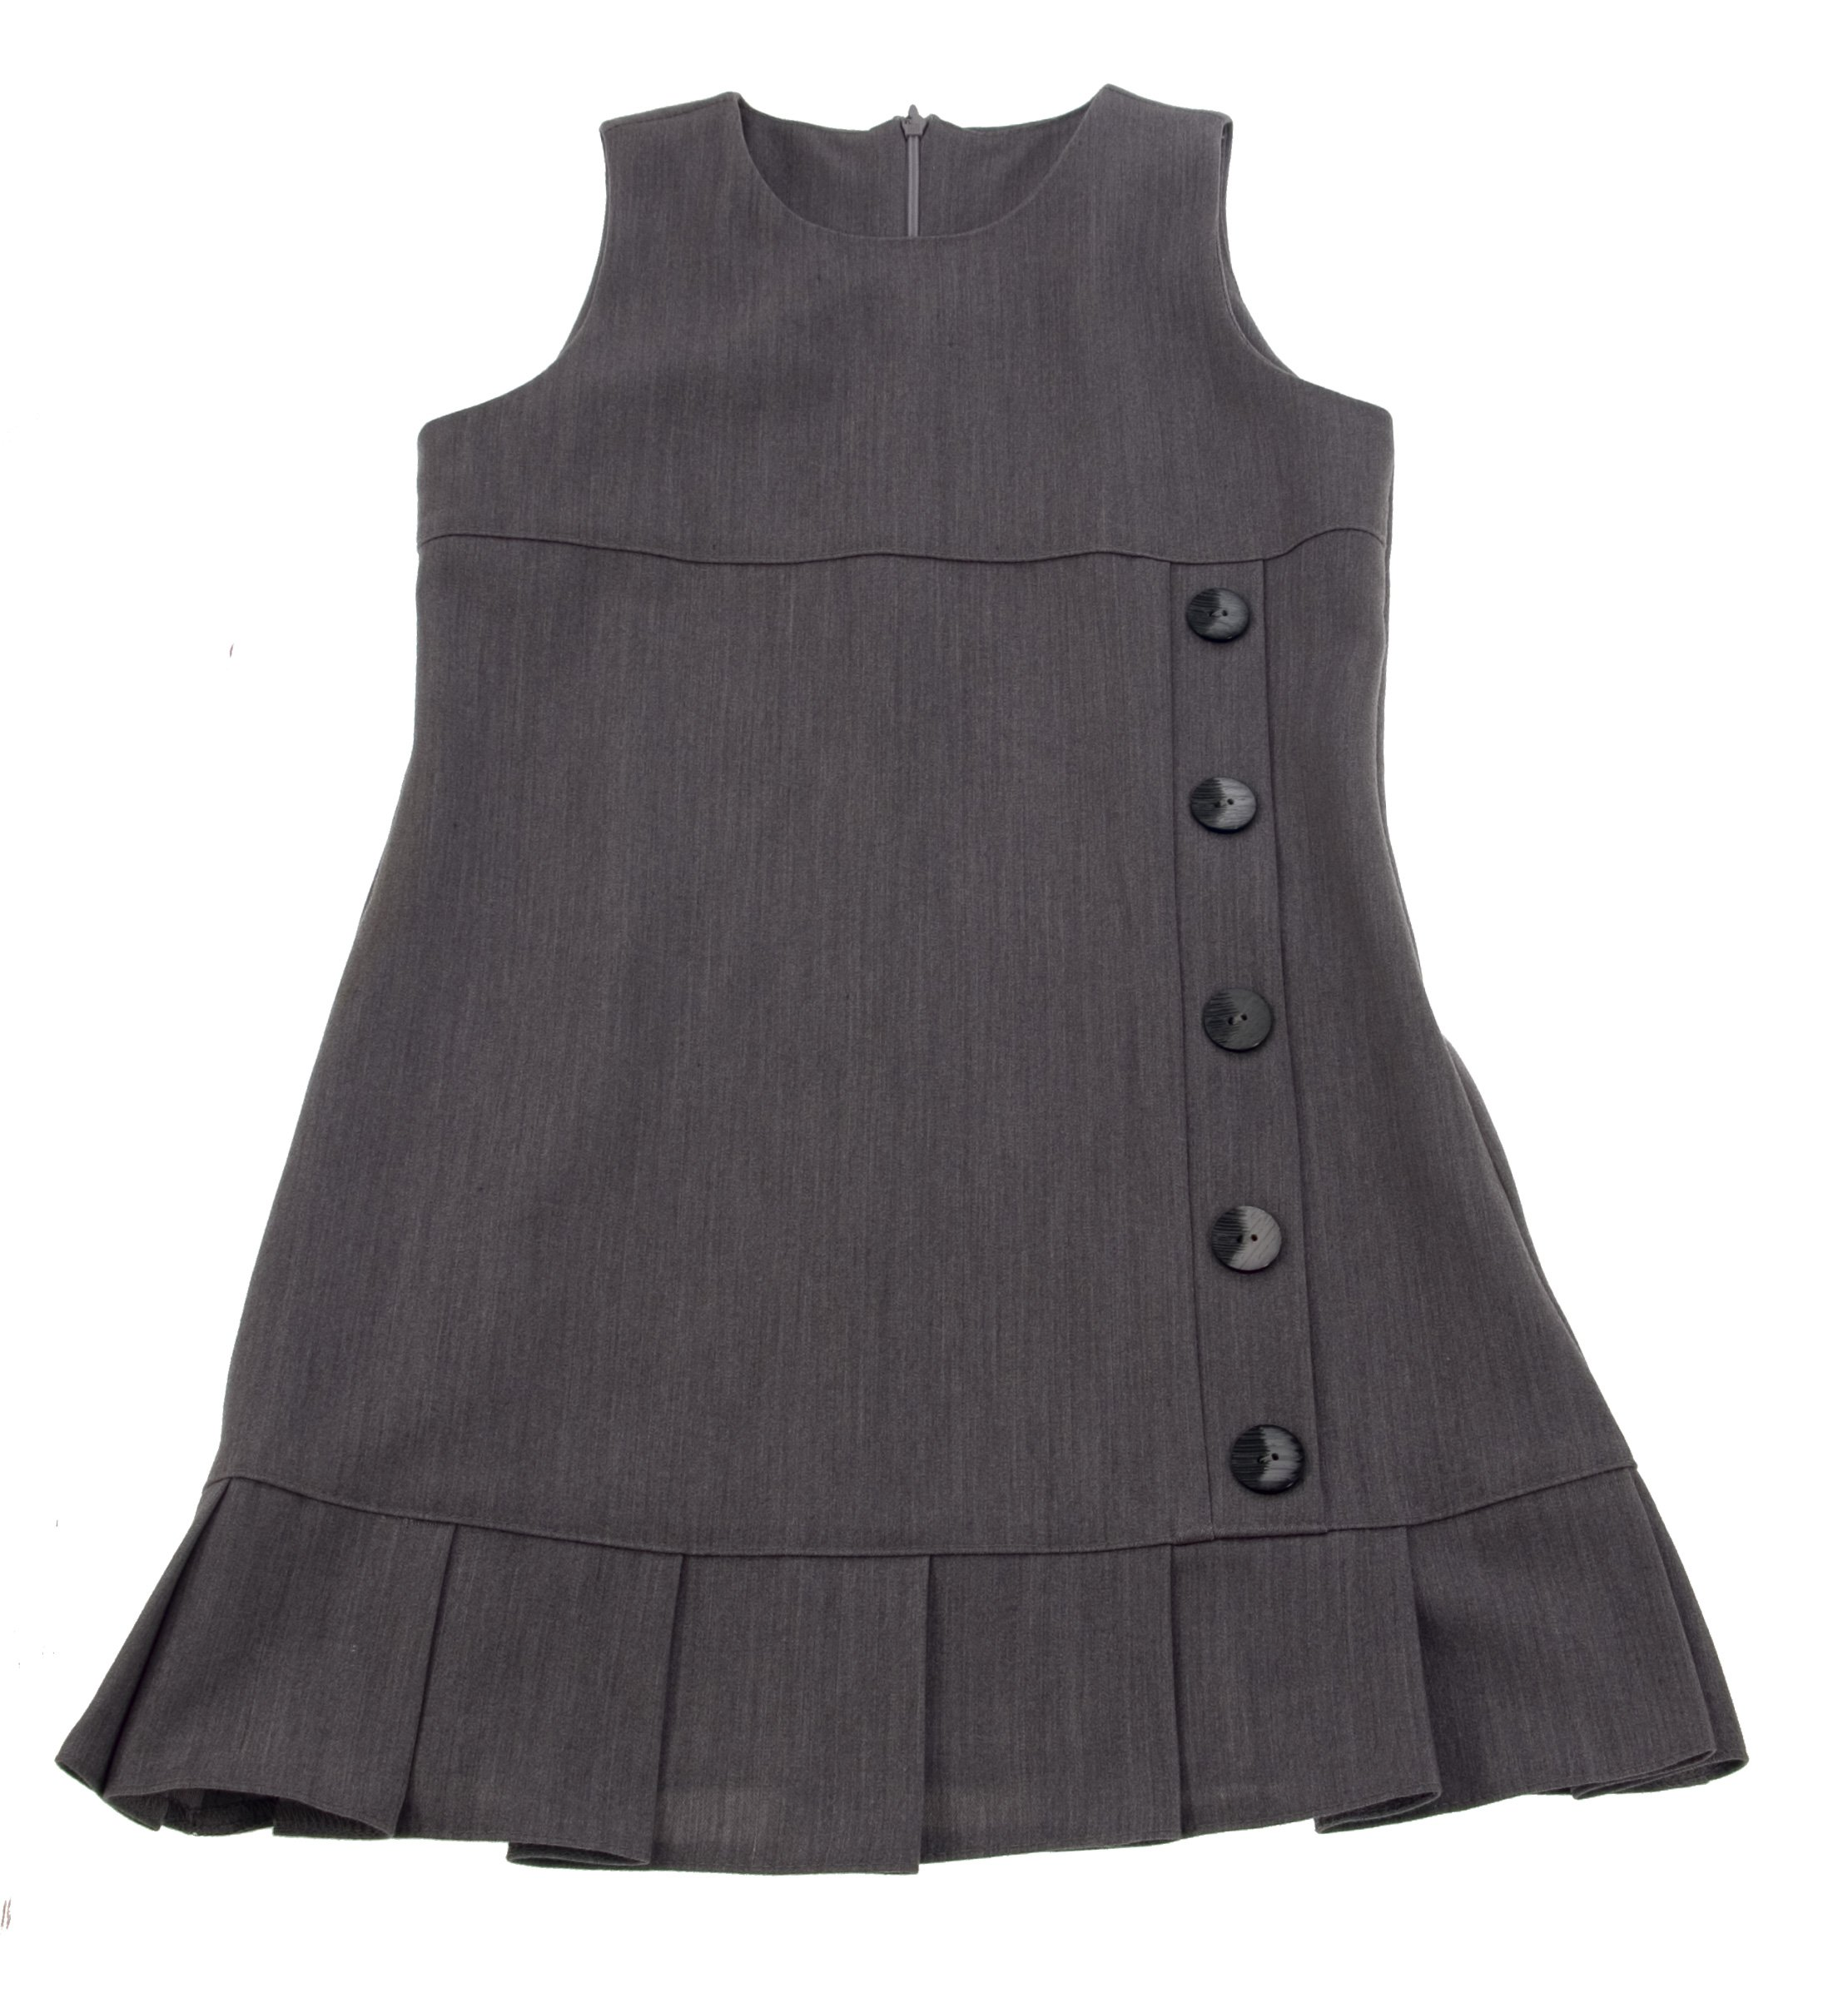 Spole�ensk� �atov� sukn� velikost 110-122 V�PRODEJ